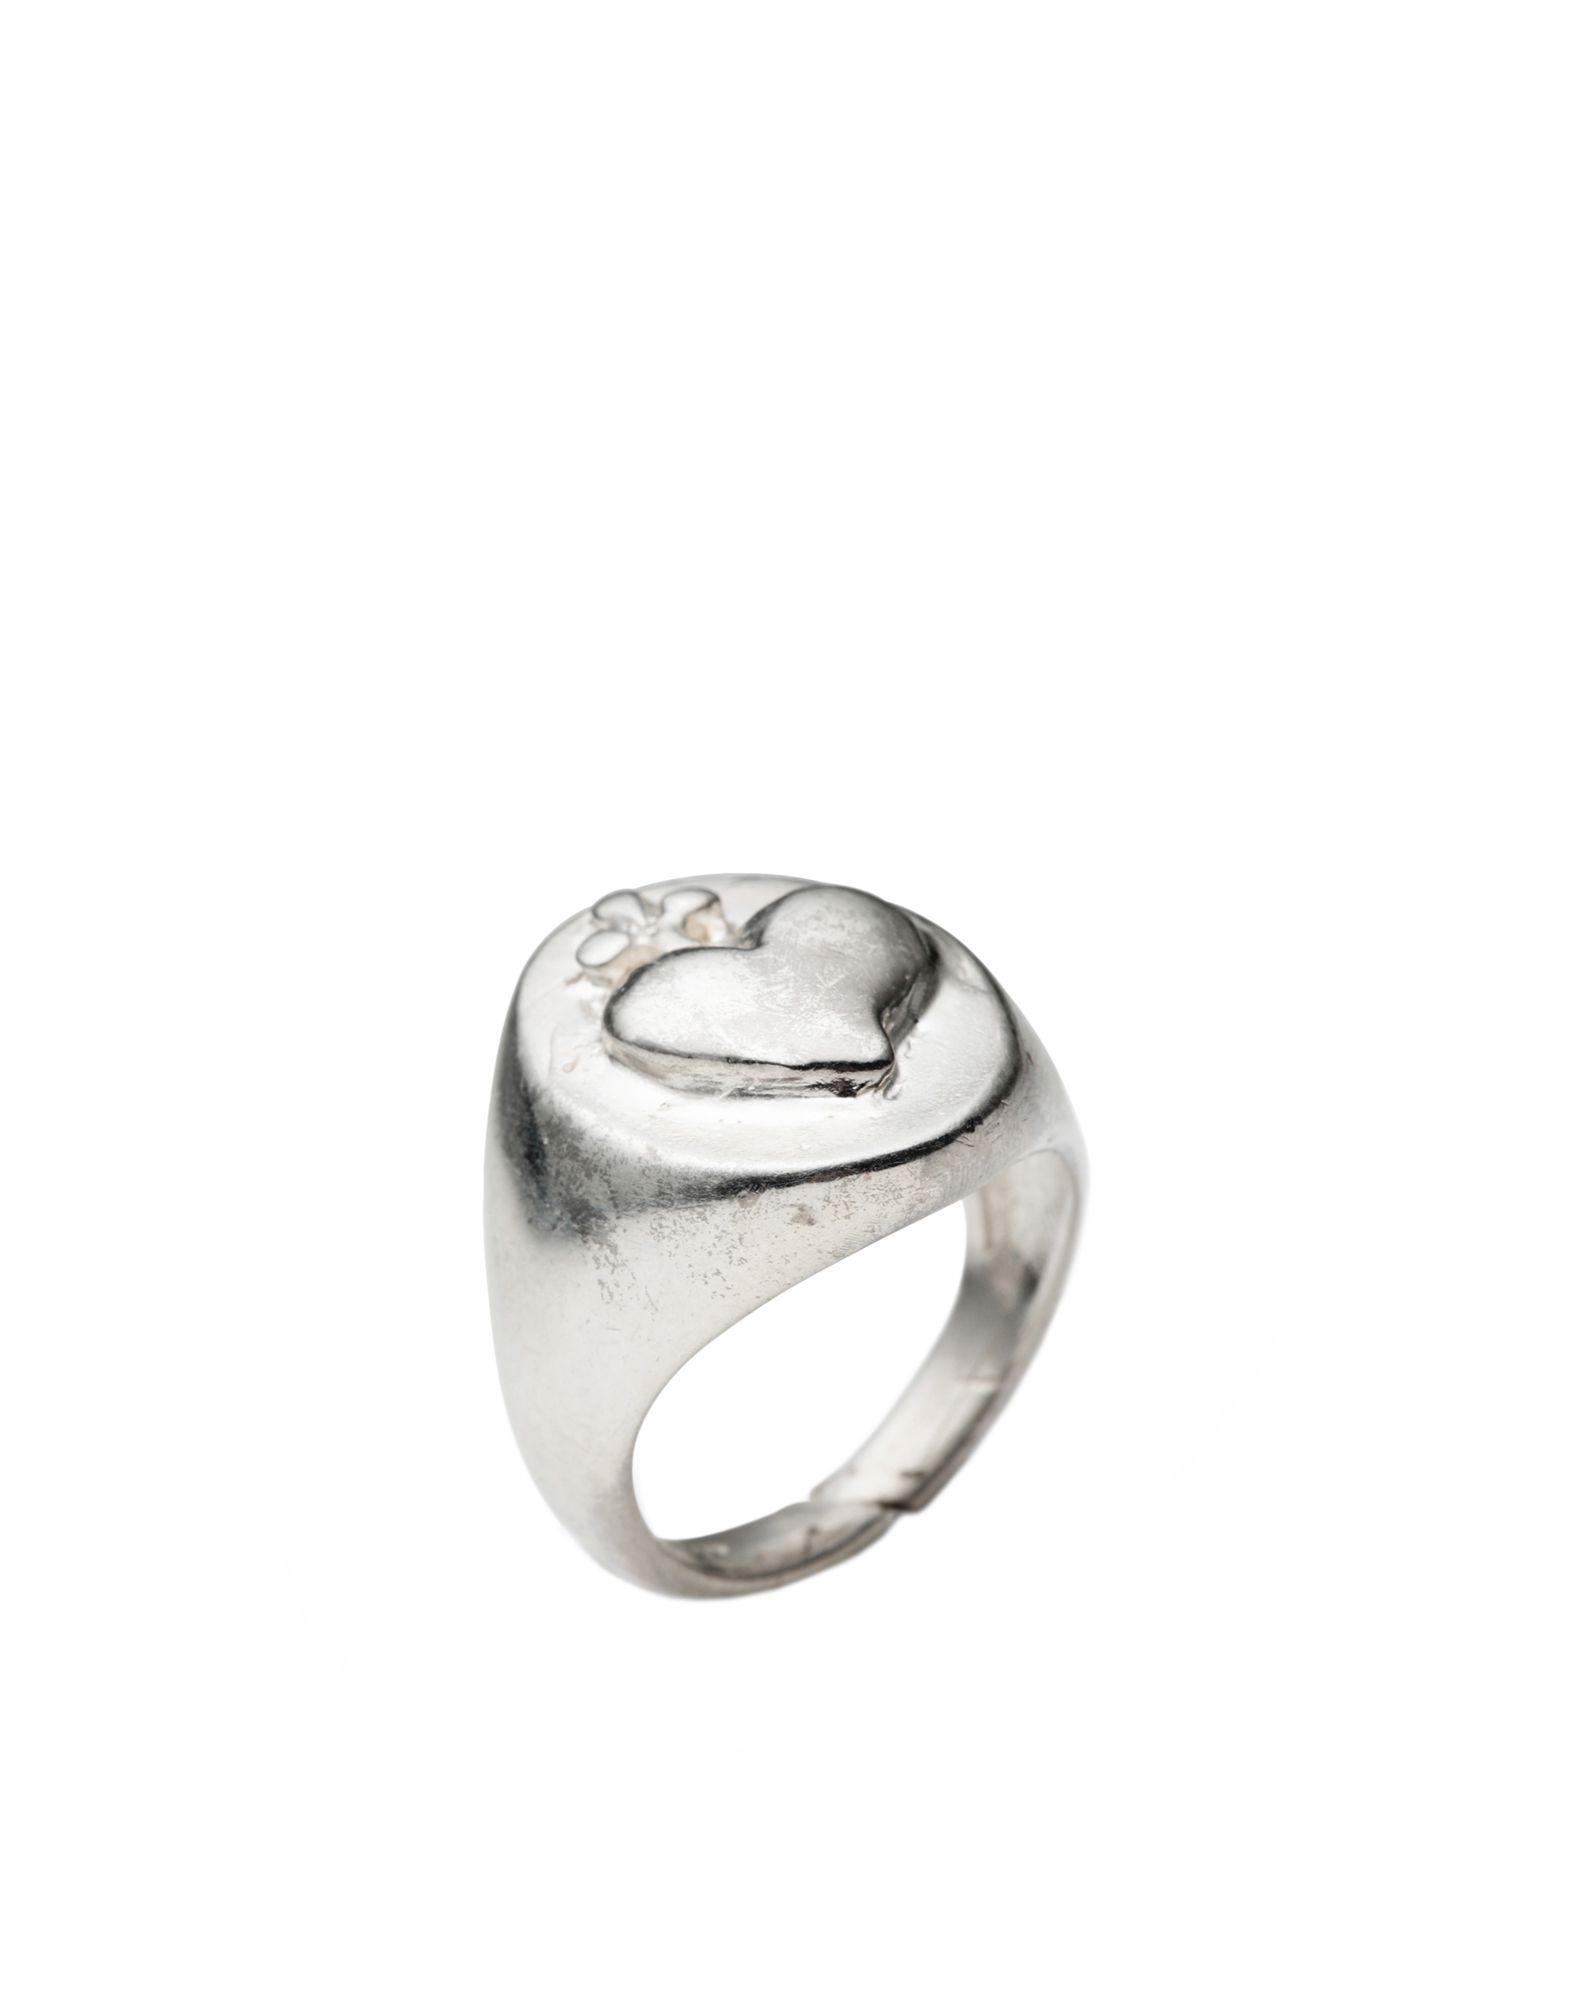 《セール開催中》LA CASA EOLIANA レディース 指輪 シルバー one size シルバー925/1000 IL CUORE EOLIANO